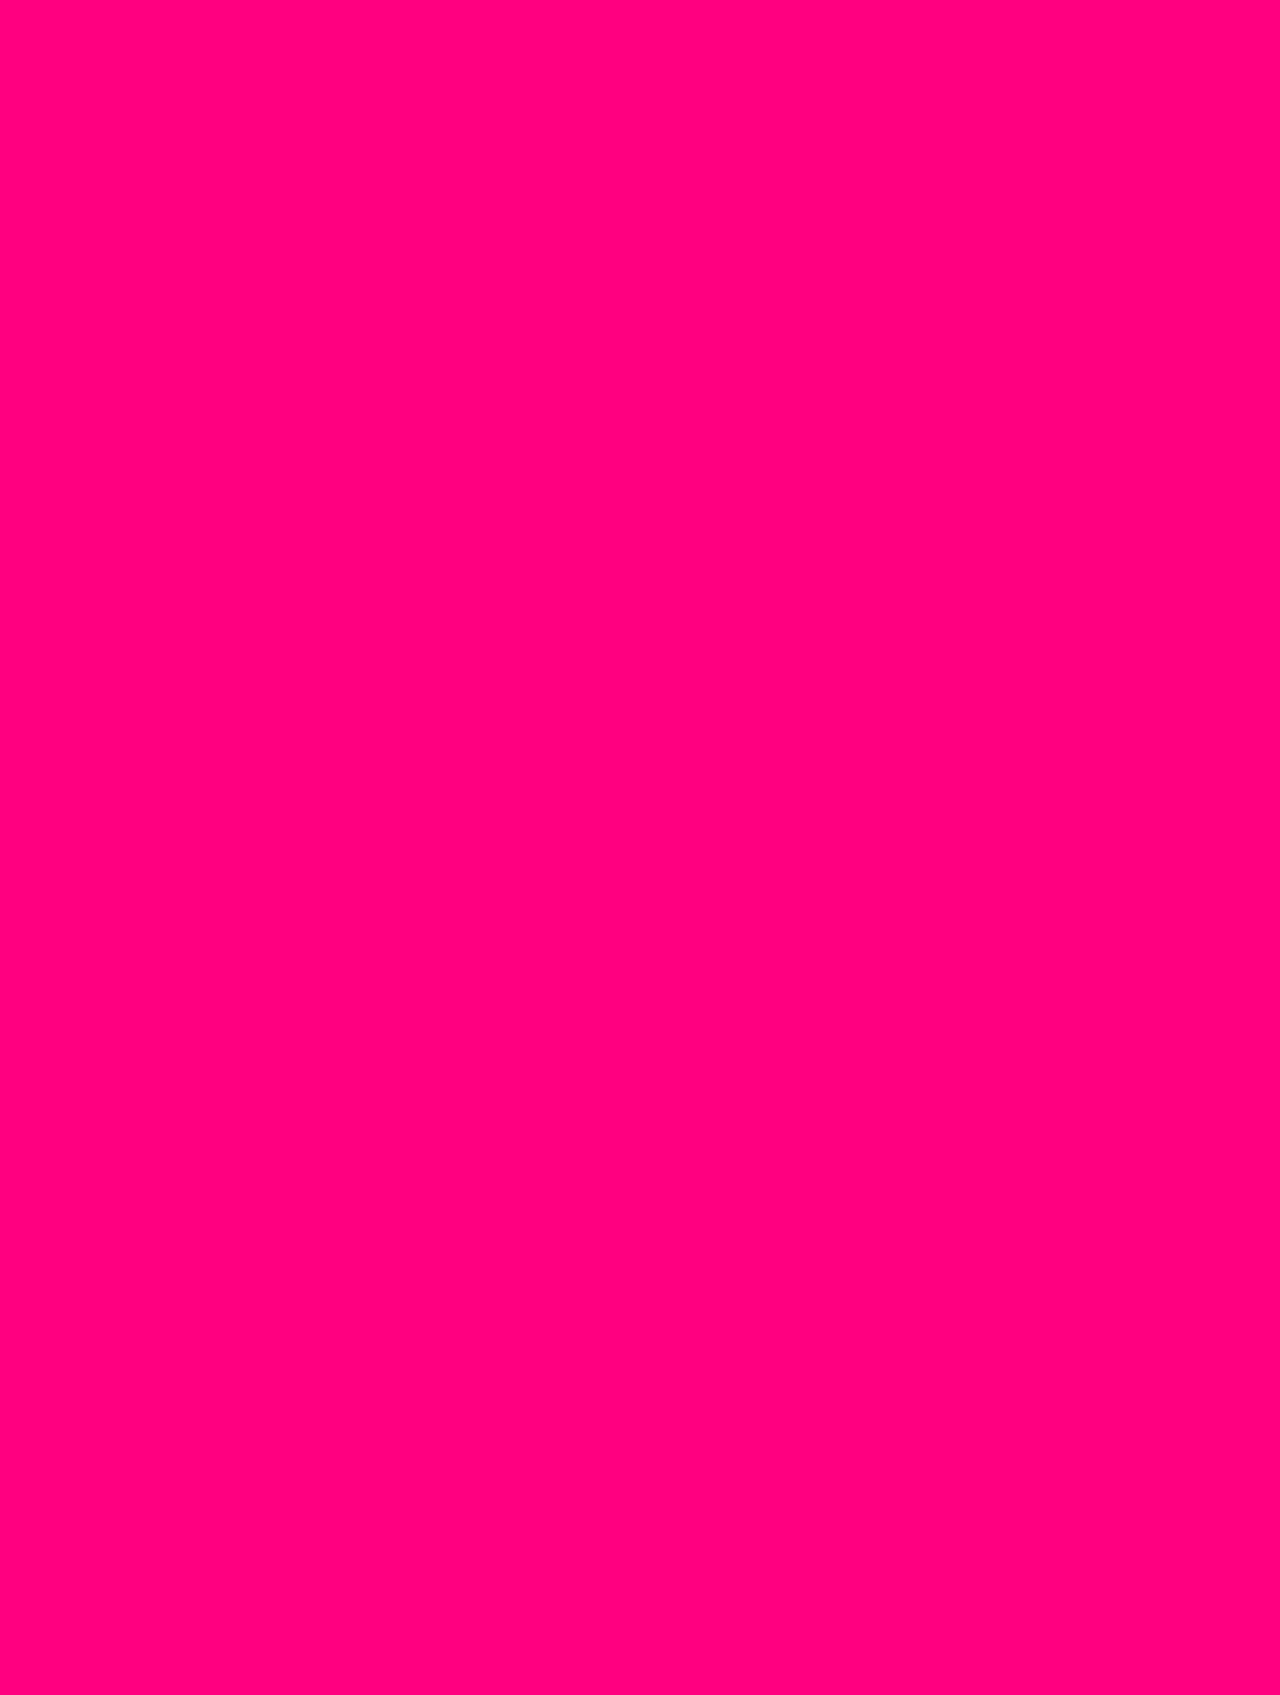 neonpink.jpg